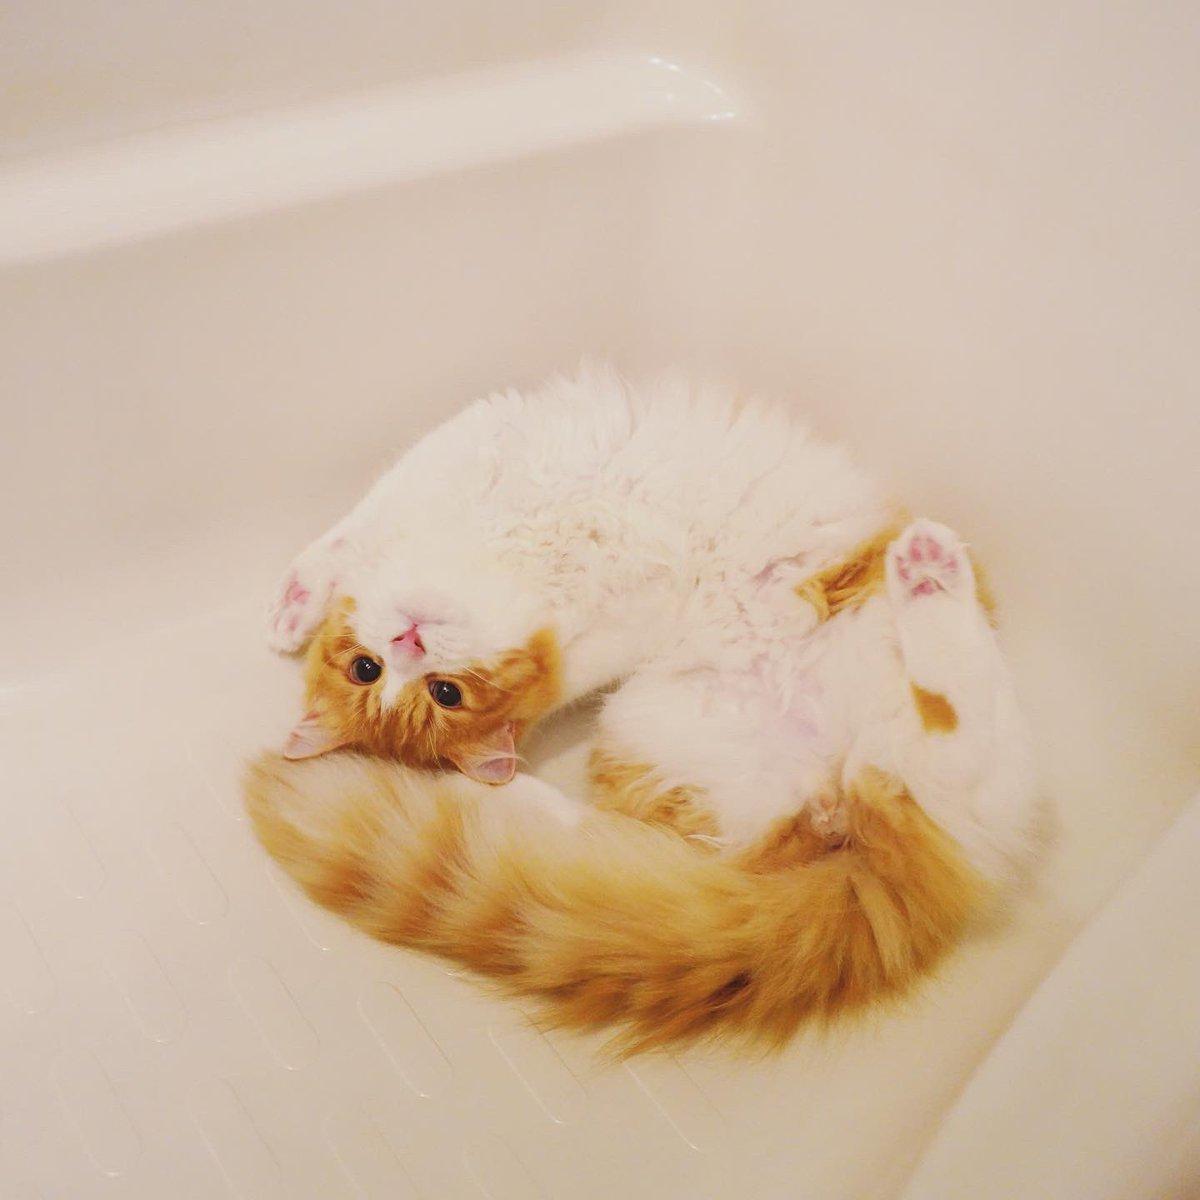 バスタブでくつろぐきなこ氏🐱🛁  #猫 #スコティッシュフォールド #猫好きさんと繋がりたい #ねこ #猫のいる暮らし #ねこ部 #cat https://t.co/Lxis5oY7EF